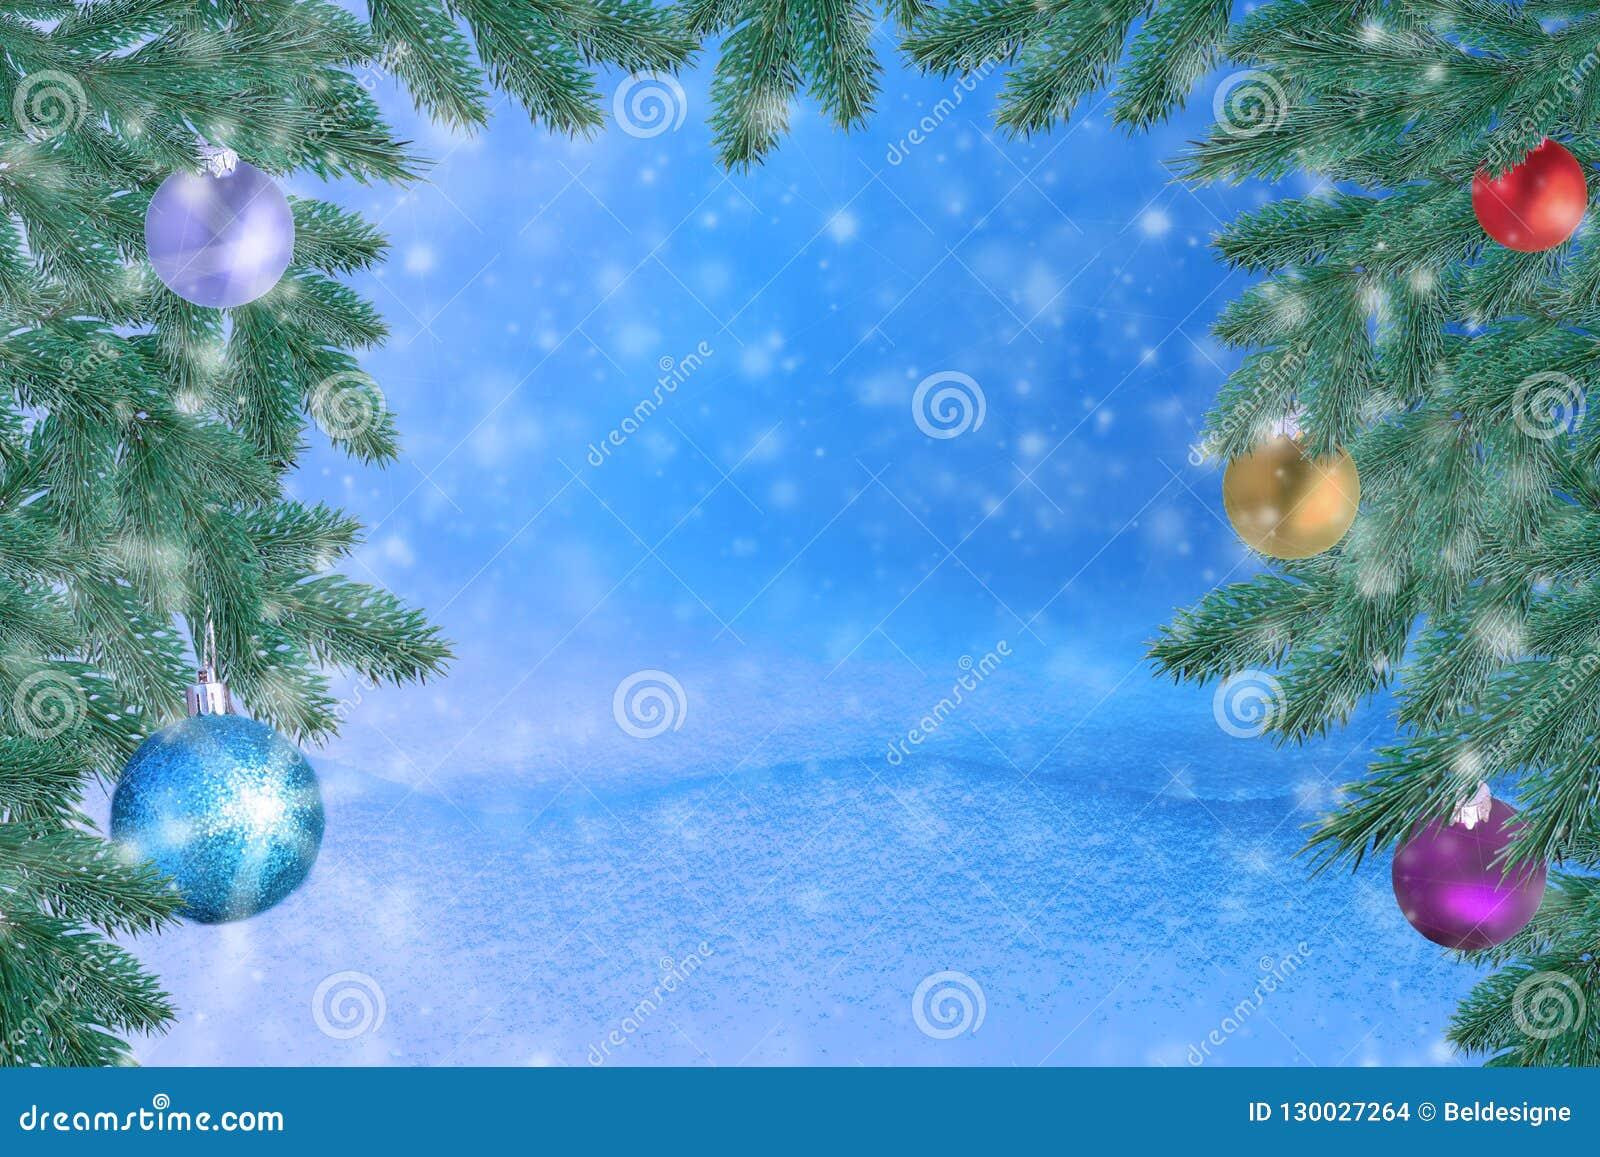 Winterlandschaft mit Schnee Weihnachtshintergrund mit Tannenzweig und Weihnachtsball Frohe Weihnachten und guten Rutsch ins Neue